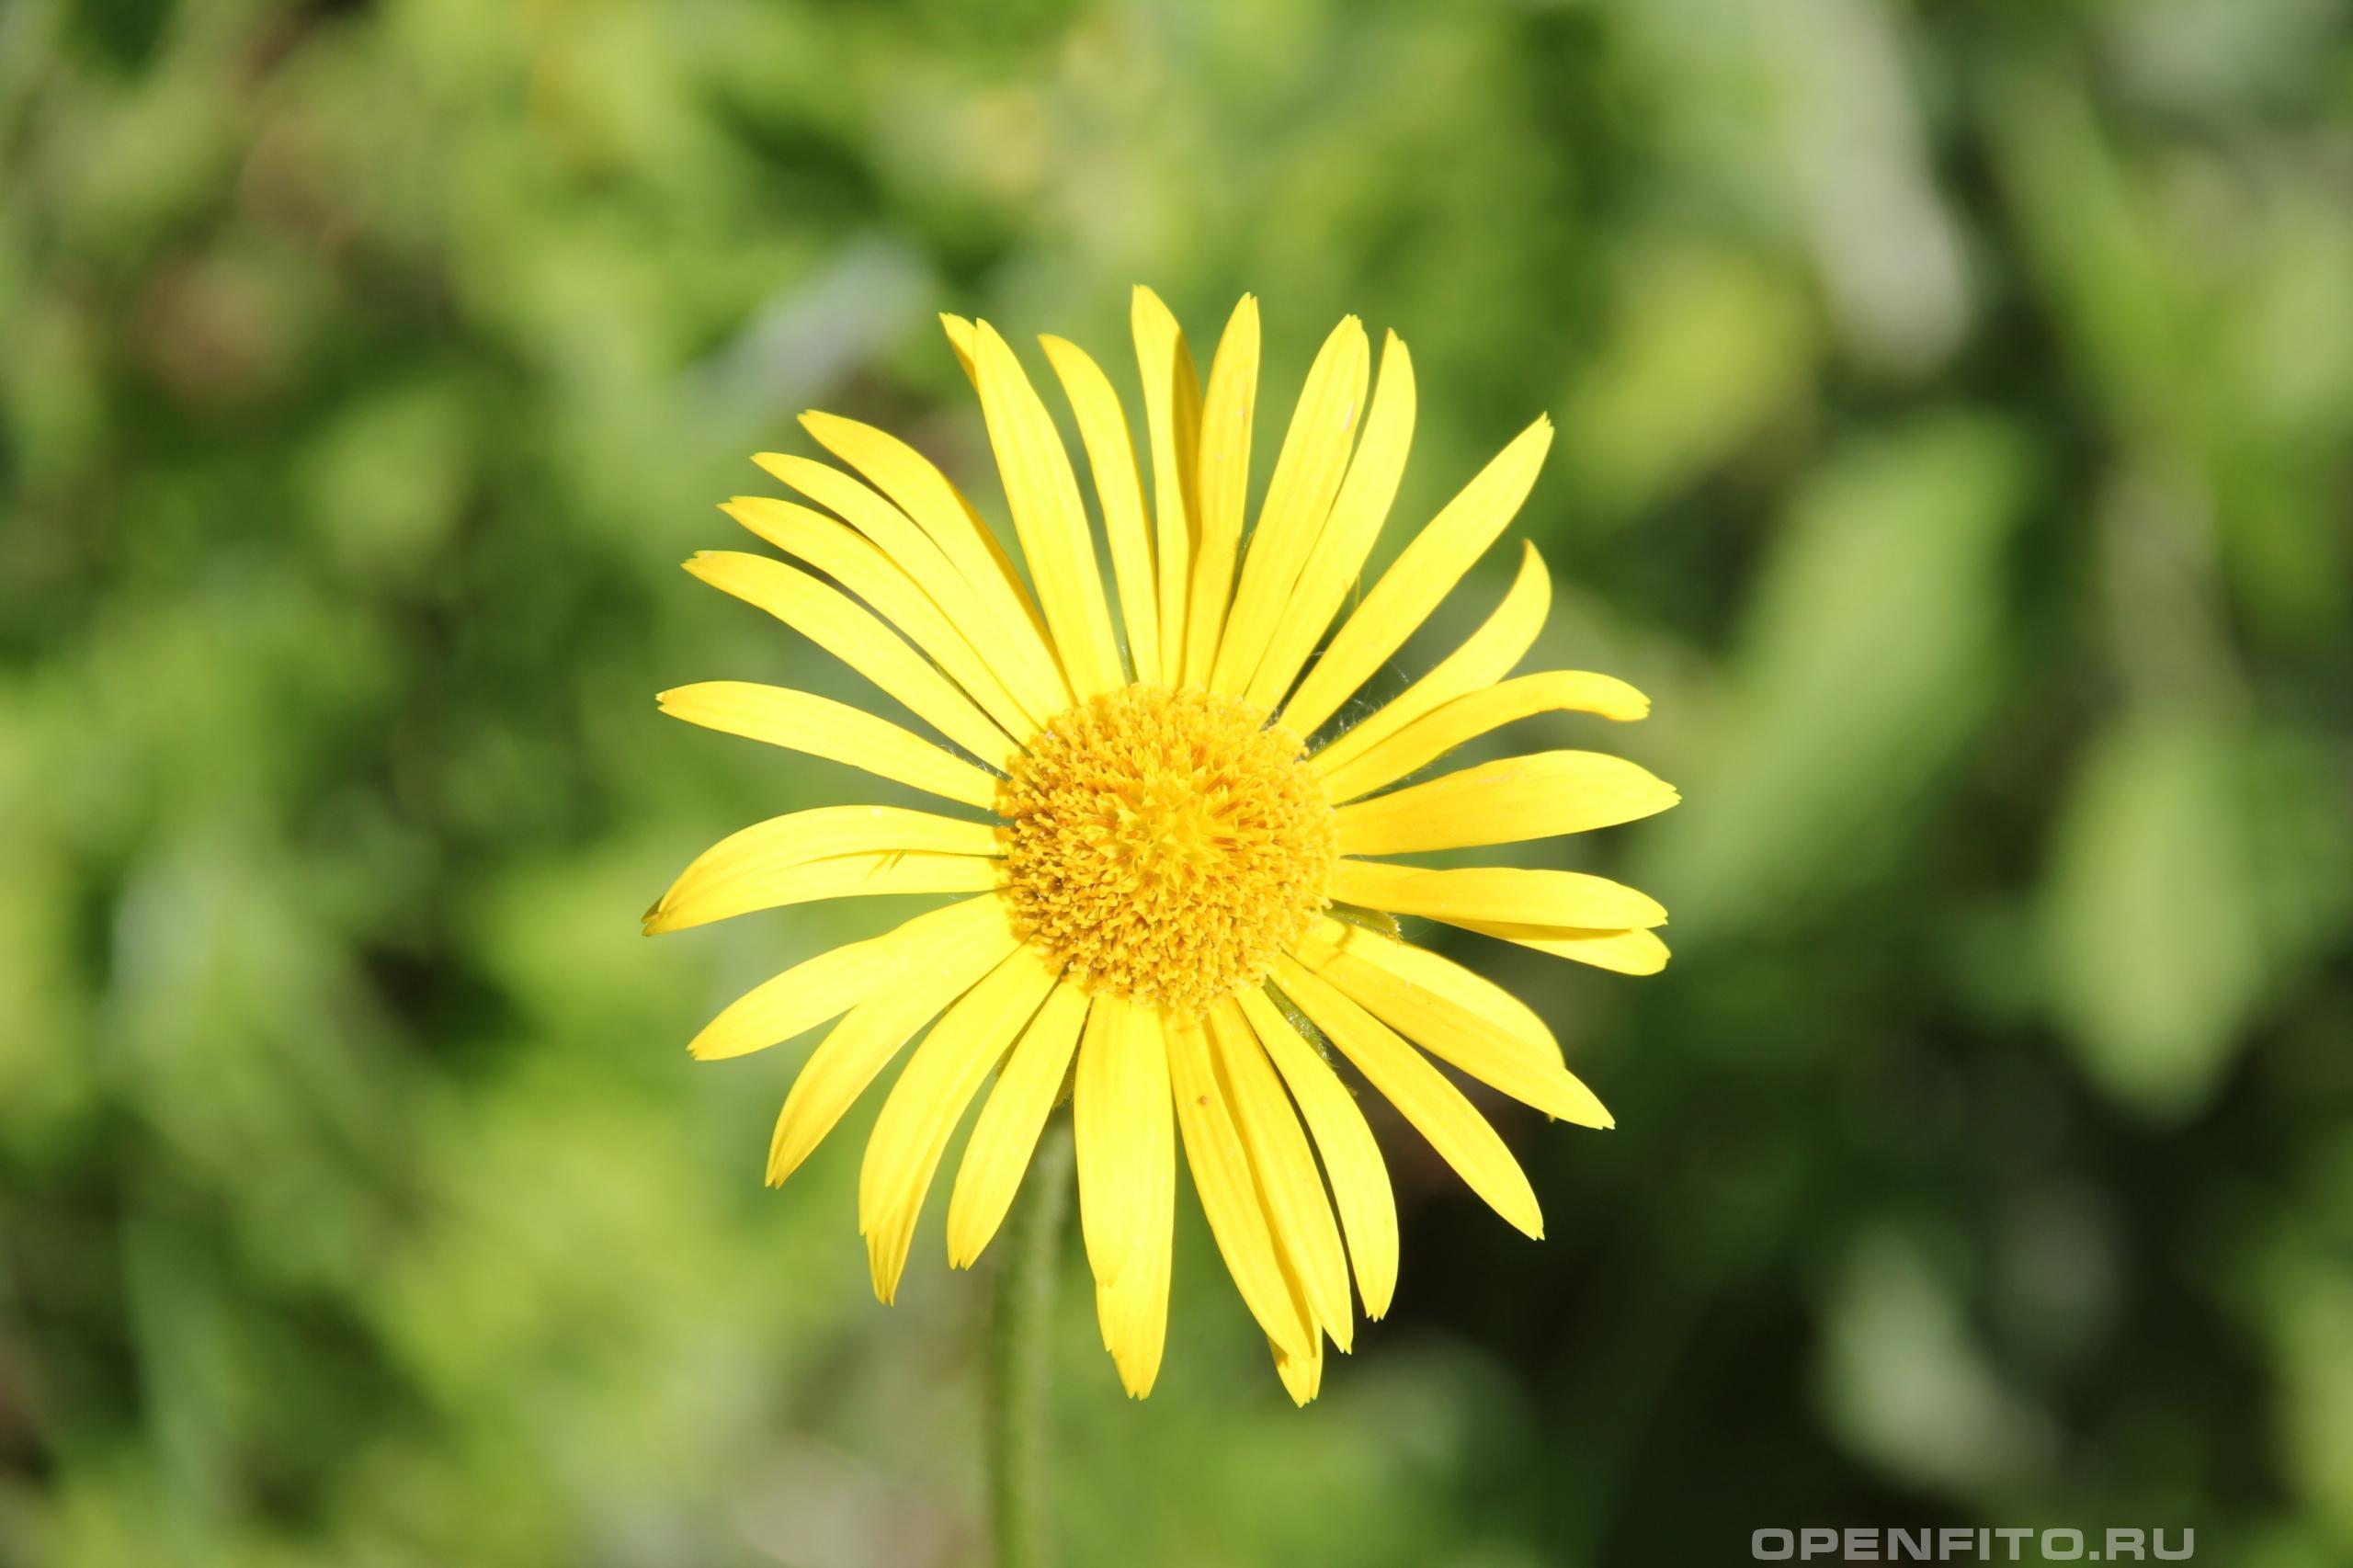 Дороникум цветки у всех видов дороникума или козульника внешне очень похожи